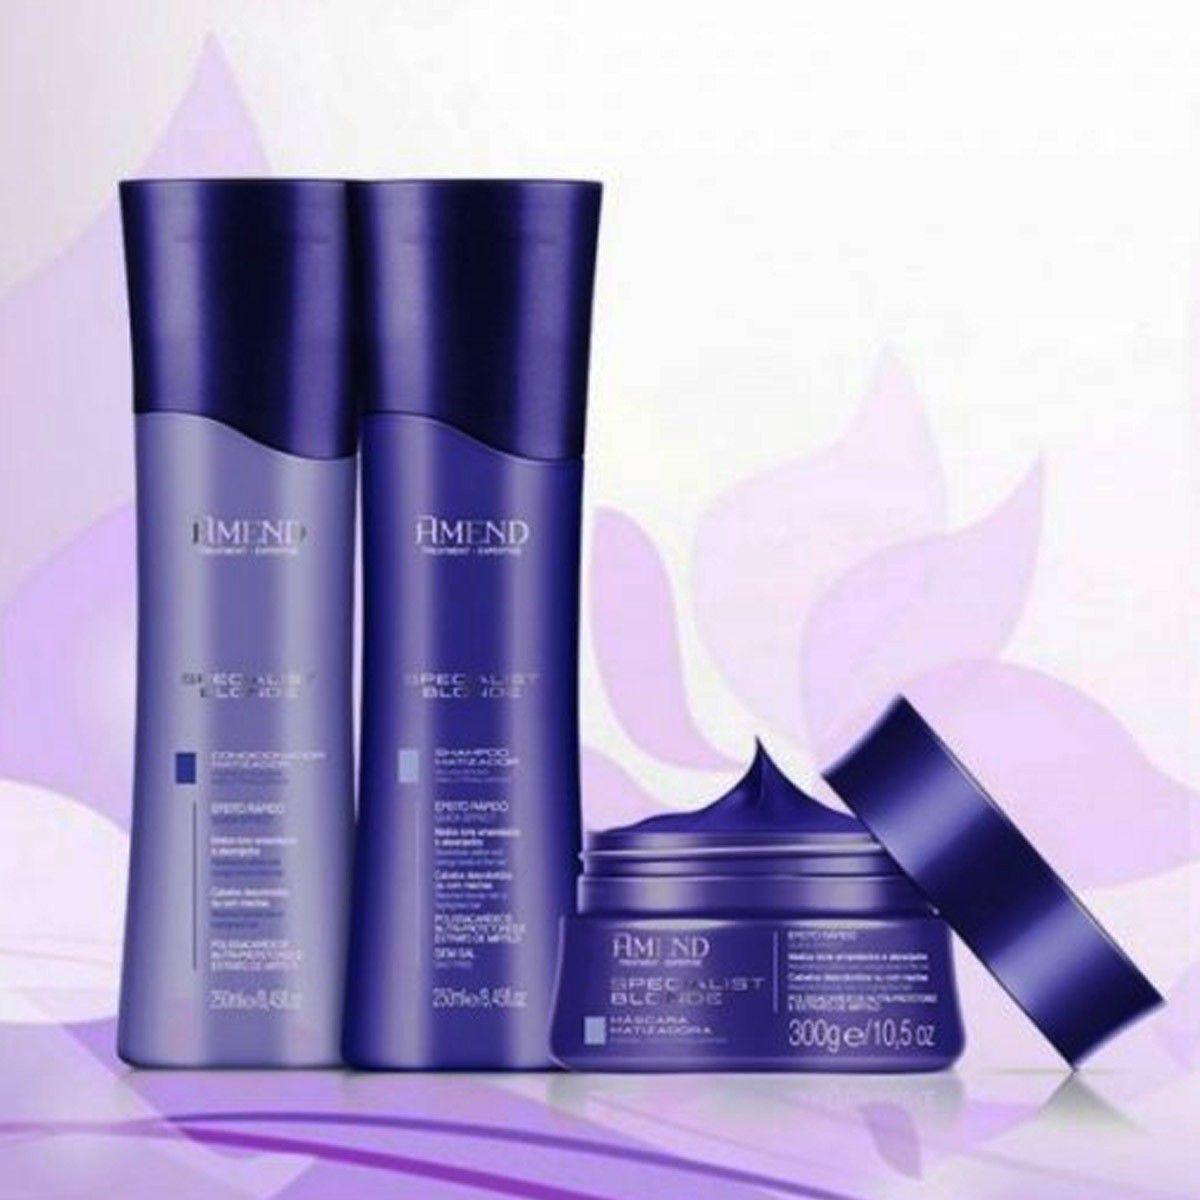 Kit Amend Shampoo 250g + Condicionador250g + Máscara 300g Matizador Specialist Blonde